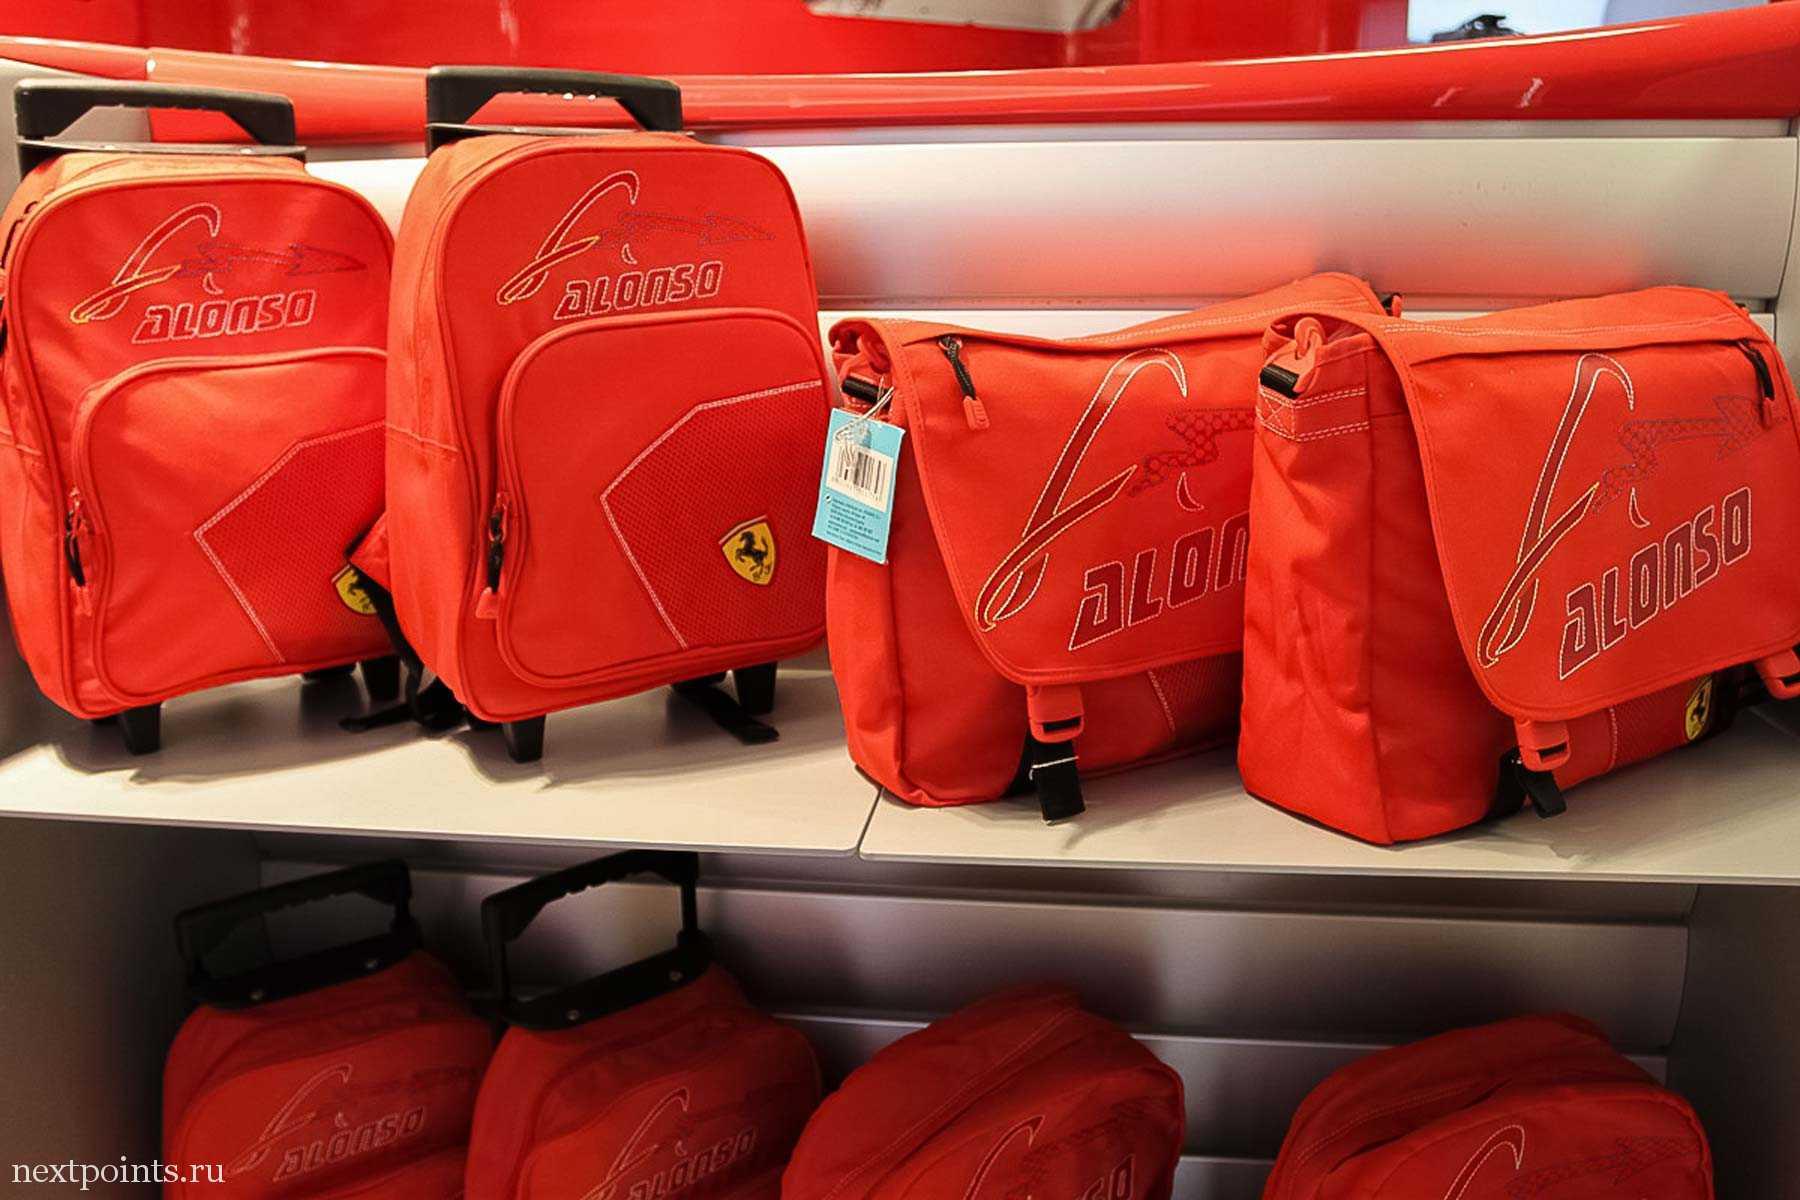 """Сумки с надписью """"Алонсо"""" в магазине в аэропорту Барселоны"""